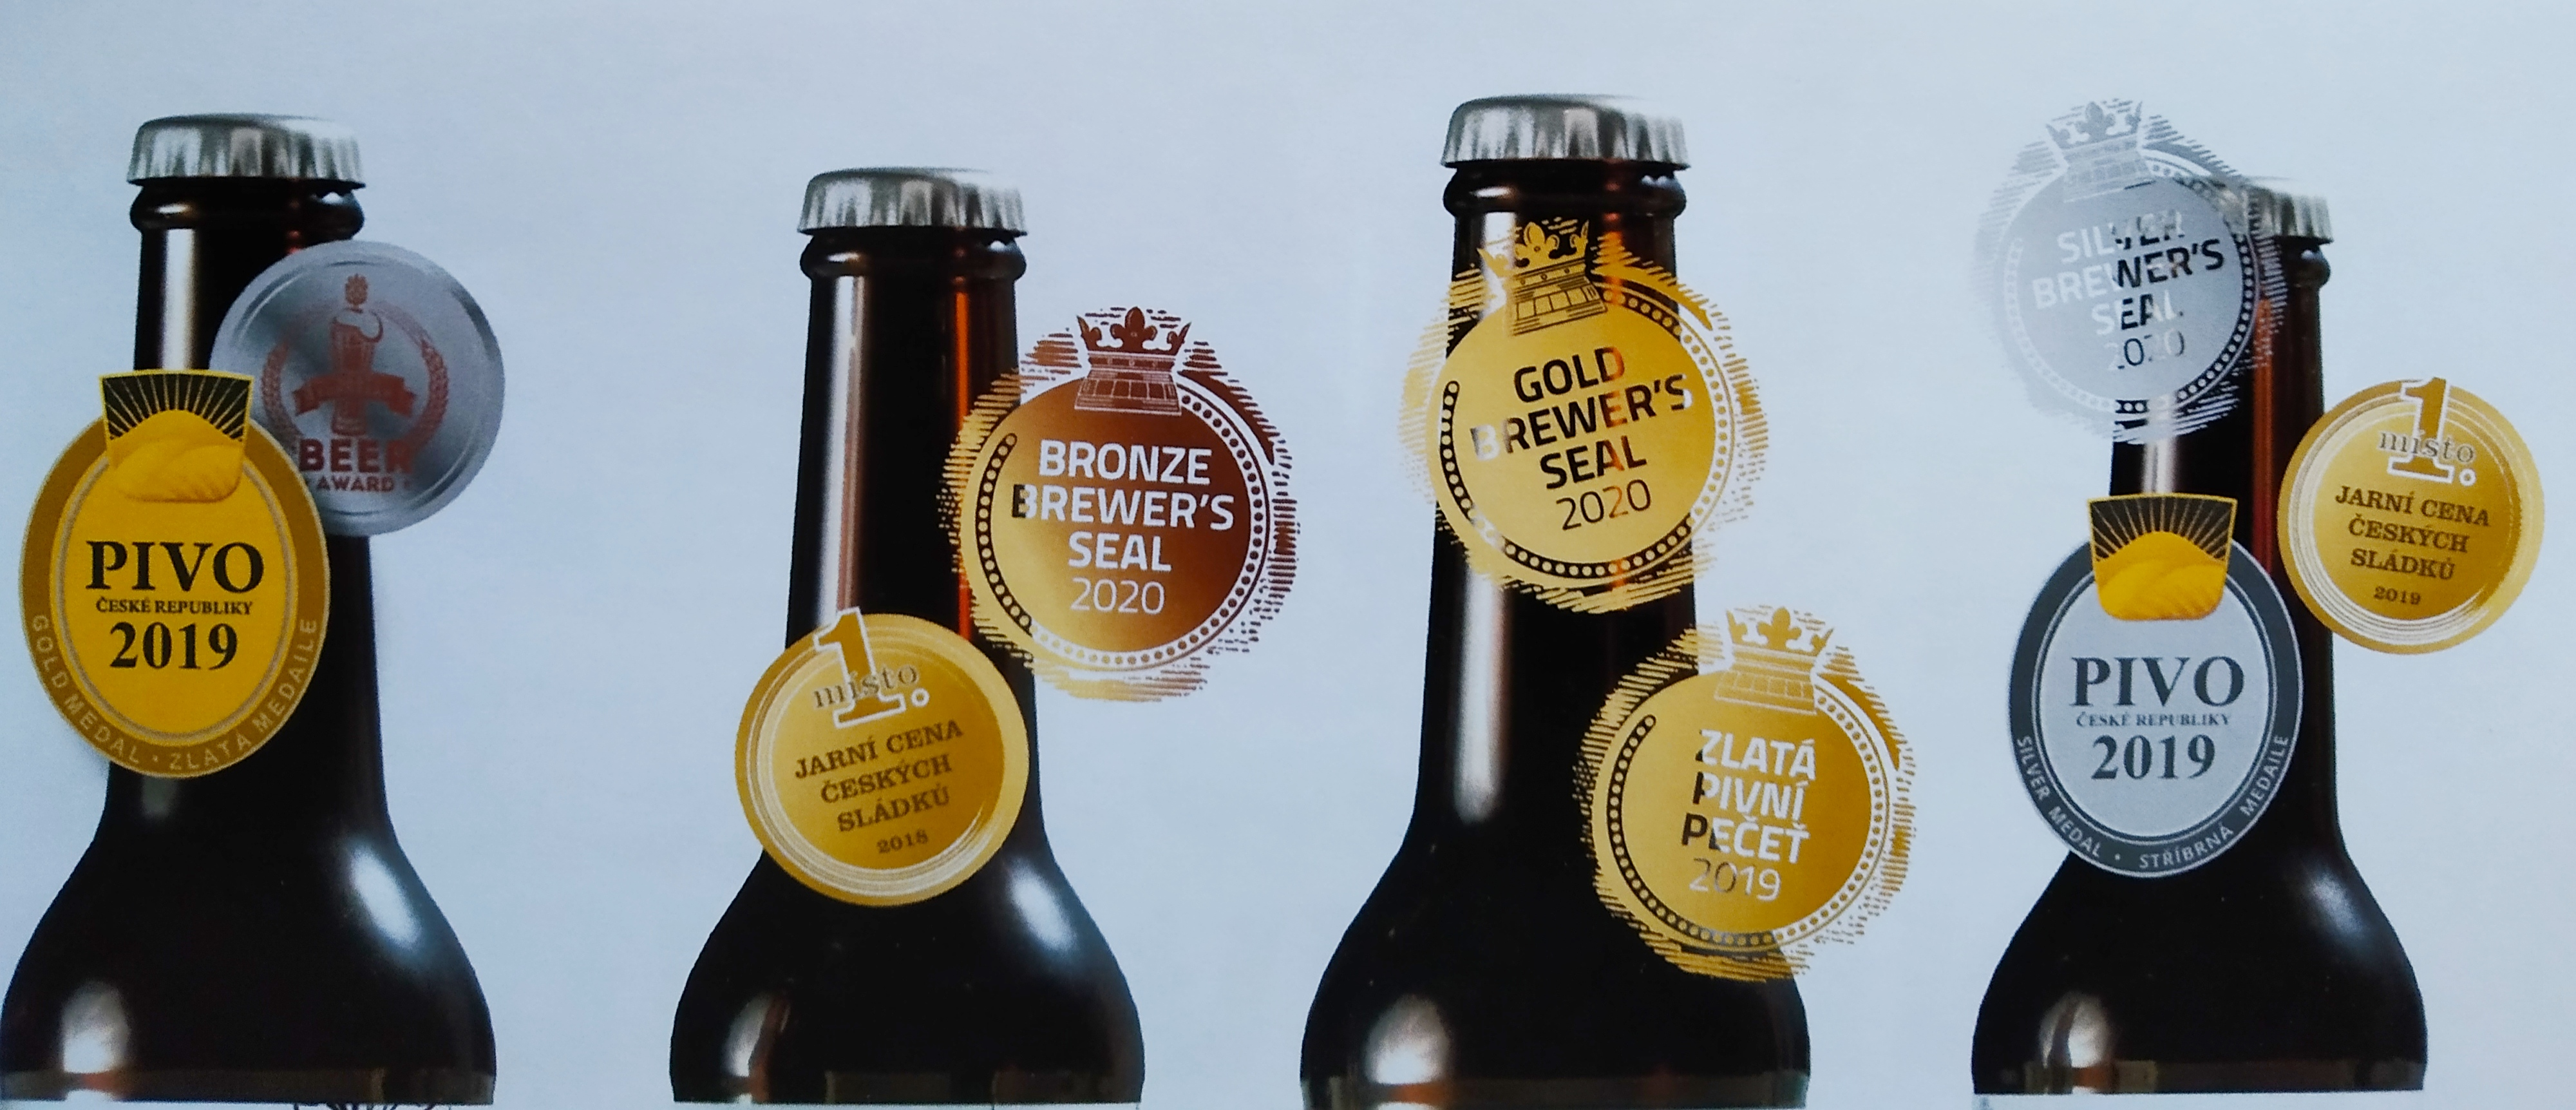 Nová (řemeslná) piva v nabídce